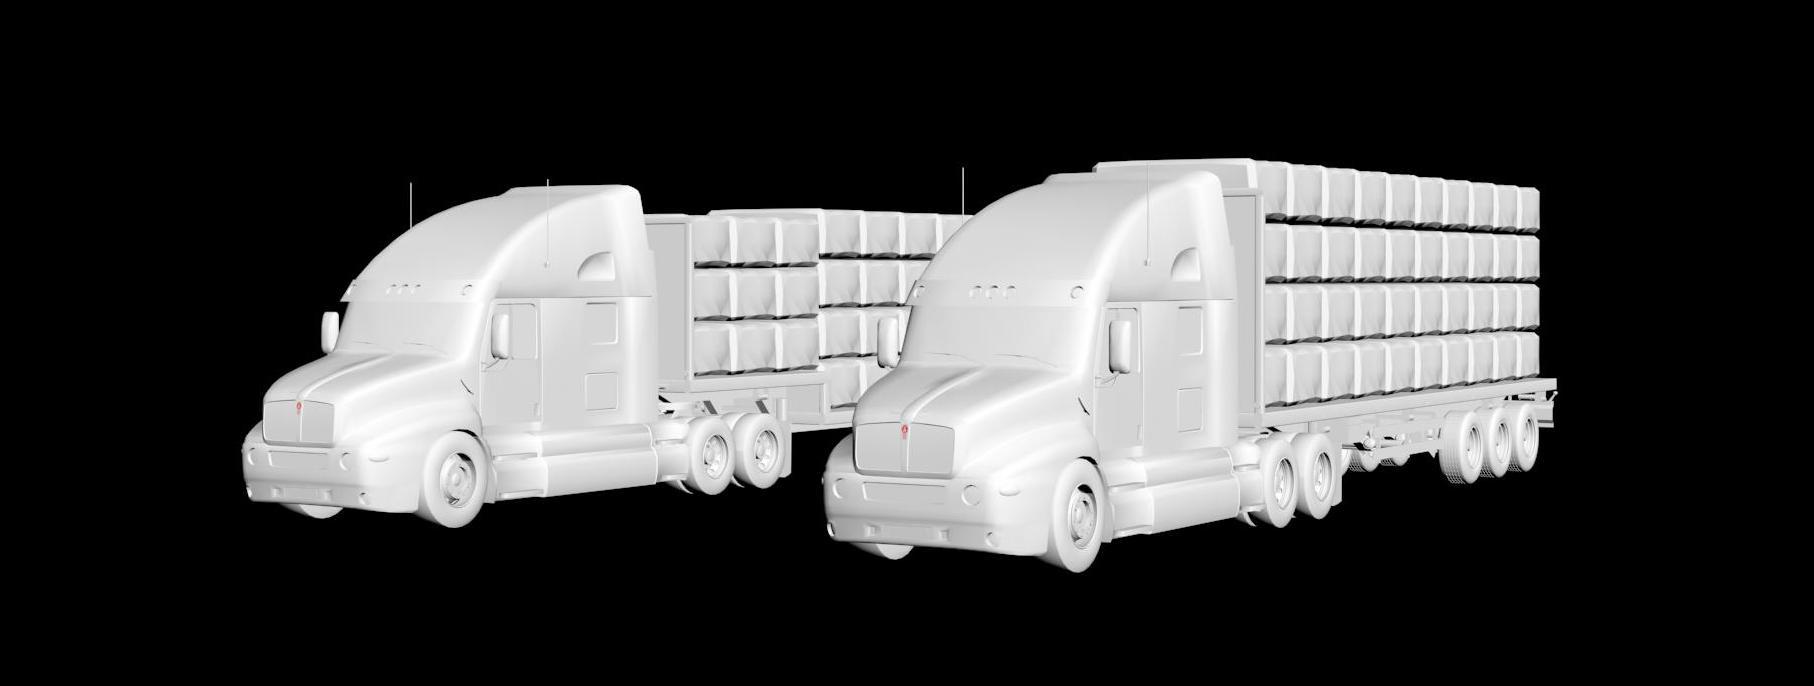 [Encuesta][T.E.P.] Proyecto Aguas Tenias (22 modelos + 1 Camión) [Terminado 21-4-2014]. - Página 4 4560kj4